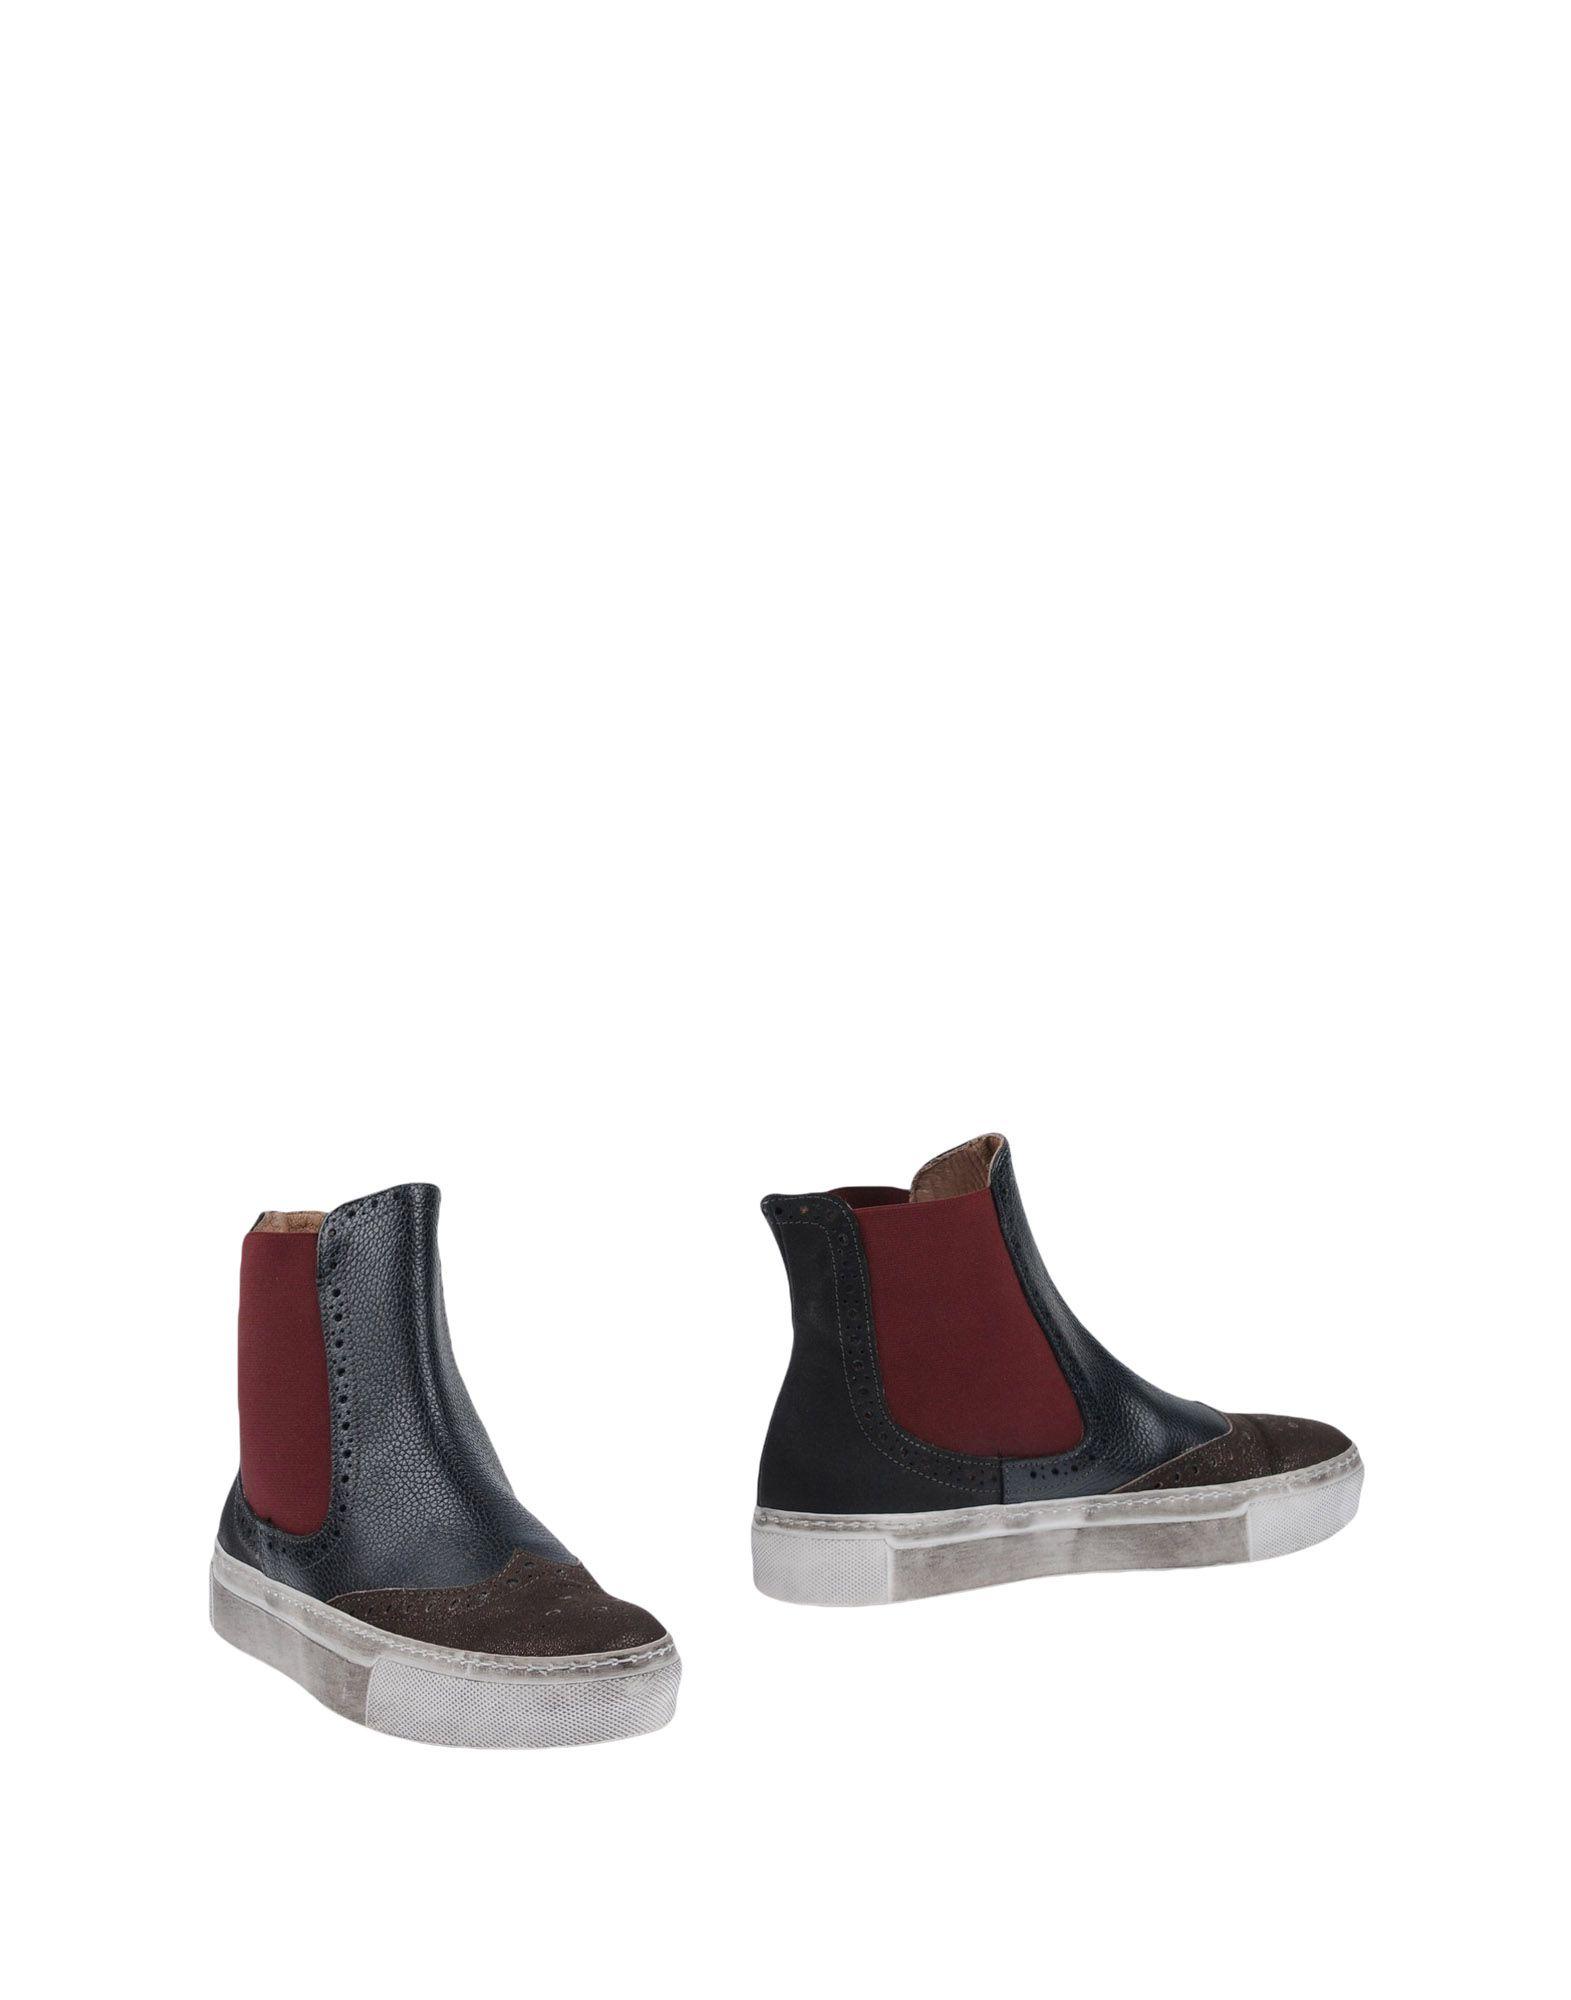 Ebarrito Chelsea Boots Damen beliebte  11457379CD Gute Qualität beliebte Damen Schuhe 574ea3